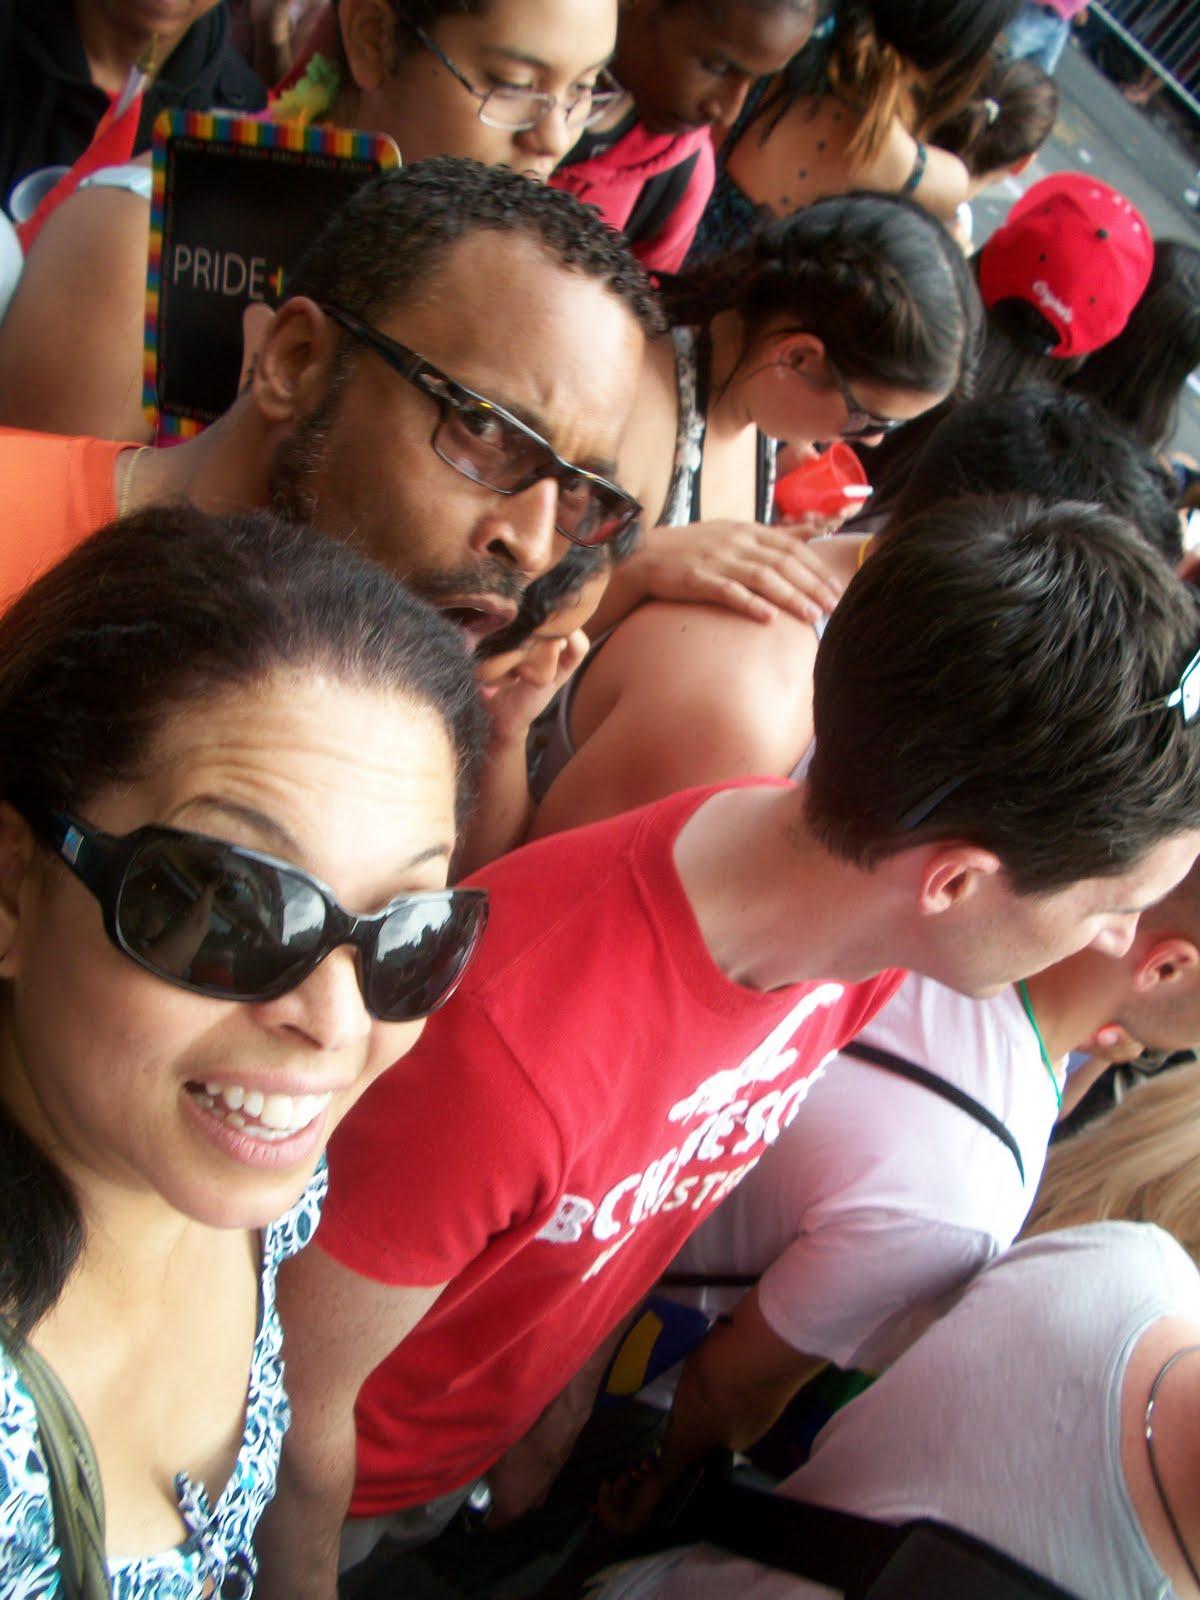 Pridefest%2B247 MORE GAY TEEN BOYS 18+